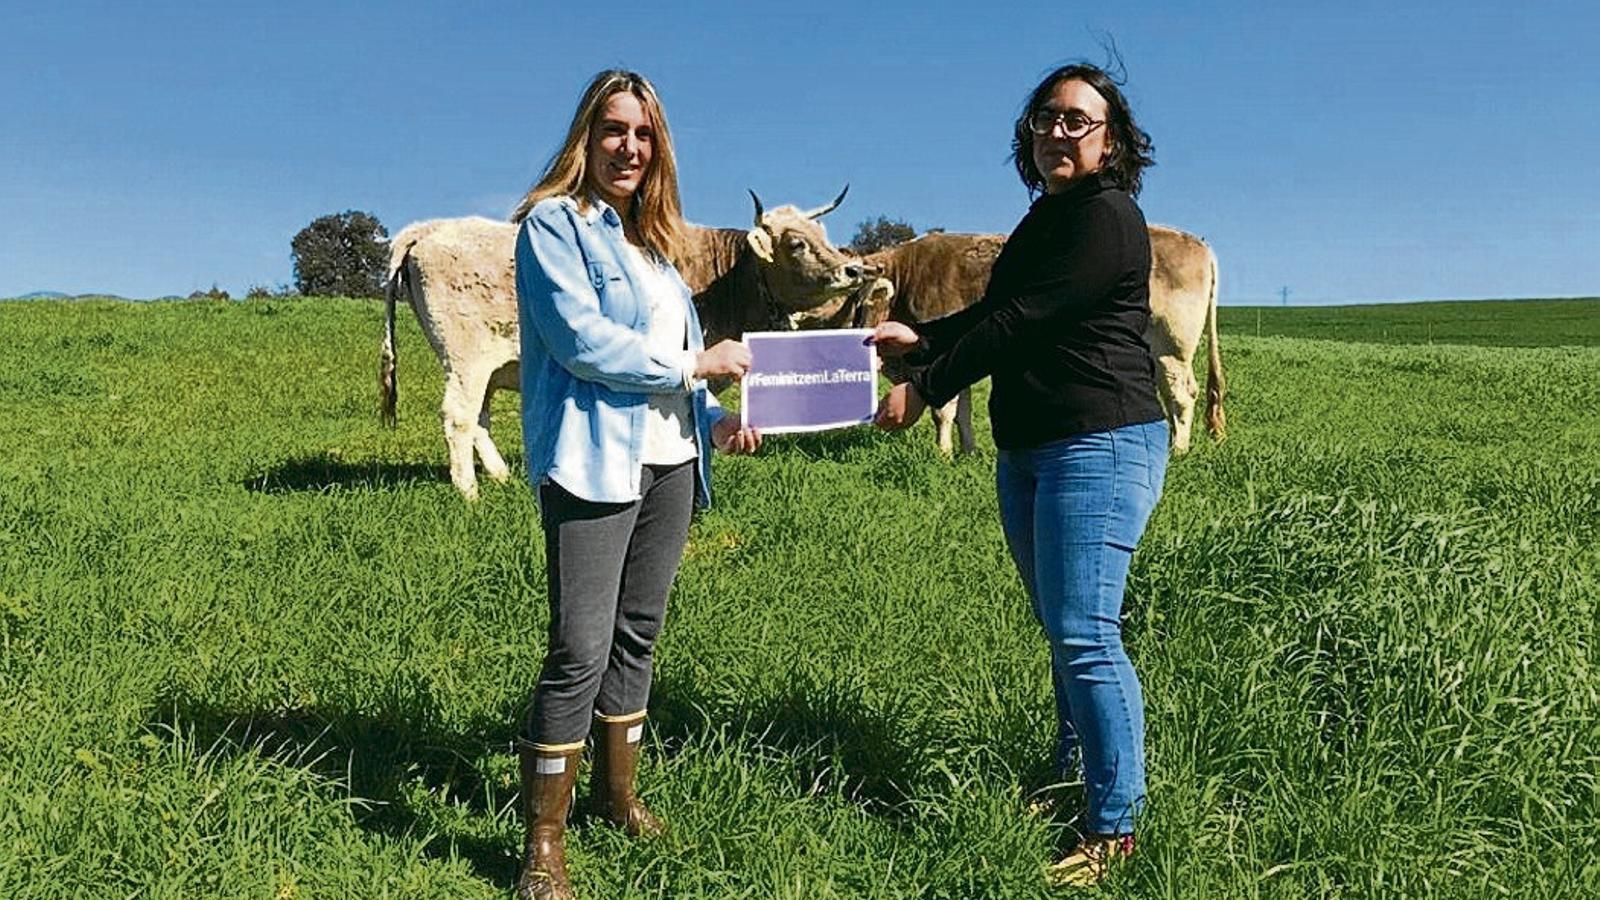 L'Ingrid Melero (a la dreta) i la Montse Cardona estan unides per l'amistat i el compromís. A la imatge, les dues amigues reivindicant un món rural més femení.